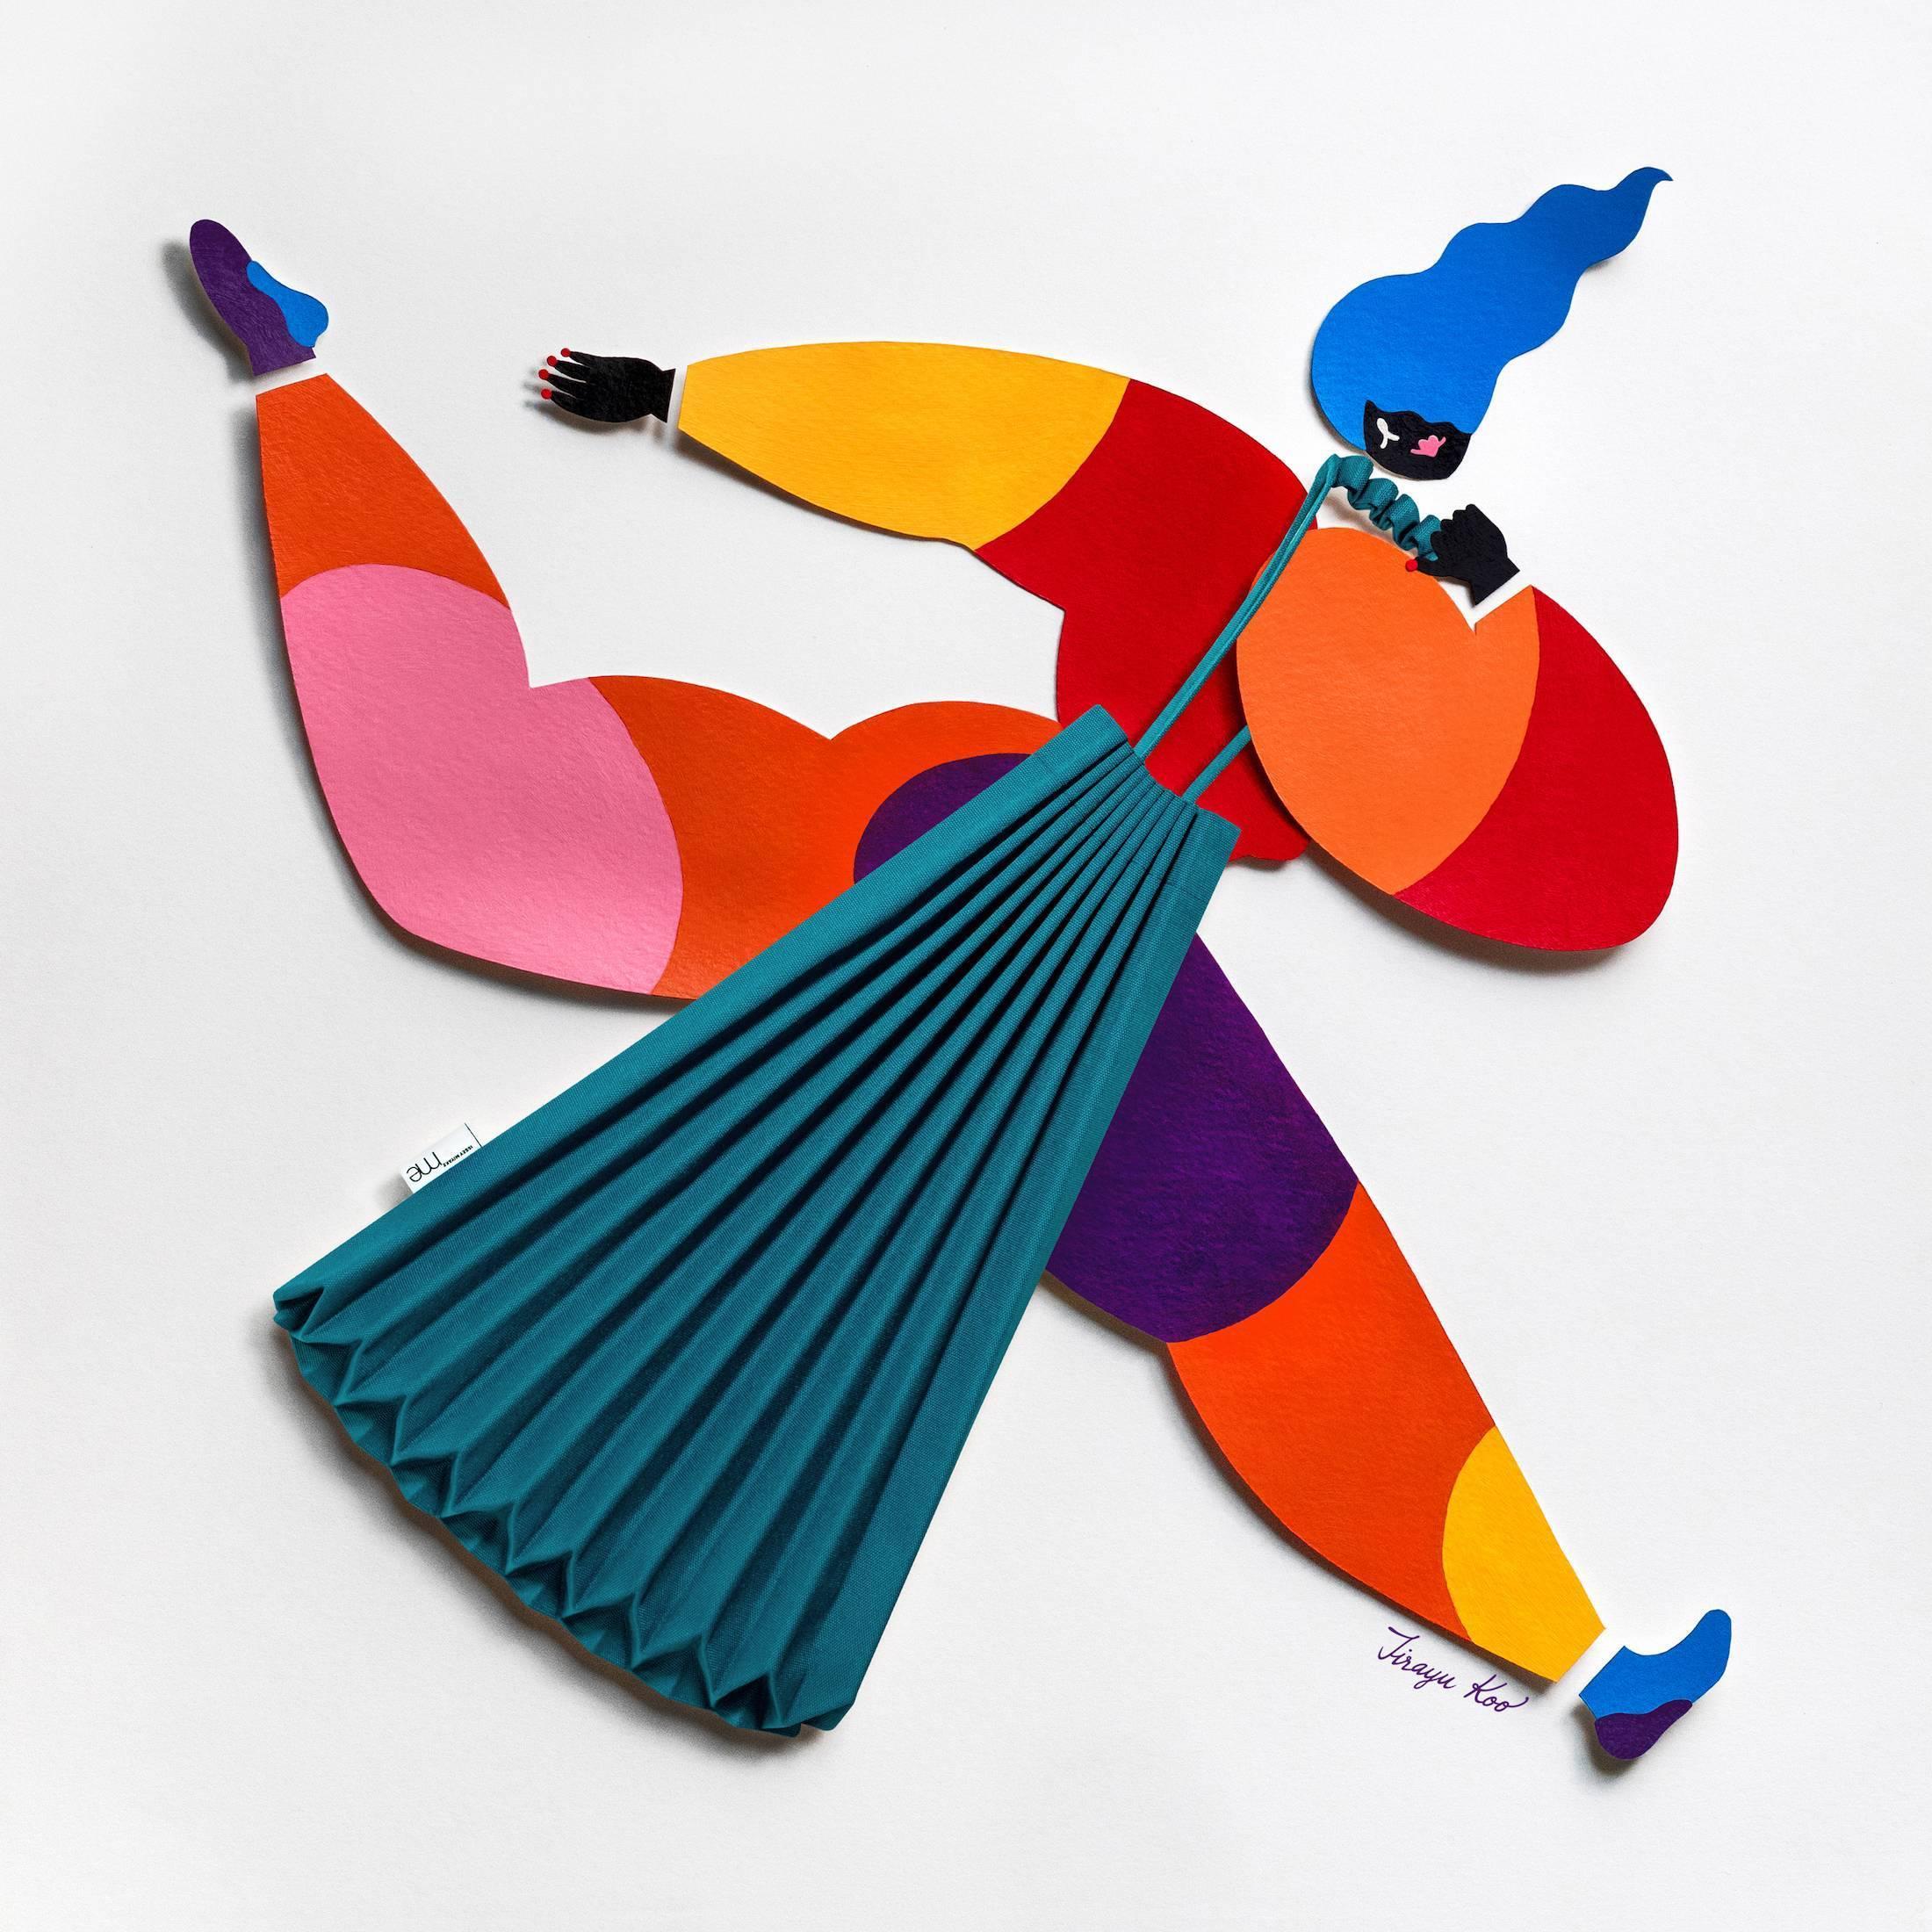 'Jirayu Koo' นักวาดภาพประกอบที่ใช้เวลากว่า 10 ปี ผลักดันคาแรกเตอร์ 'น้องกลมกลม' จนได้ร่วมงานกับแบรนด์ระดับโลก